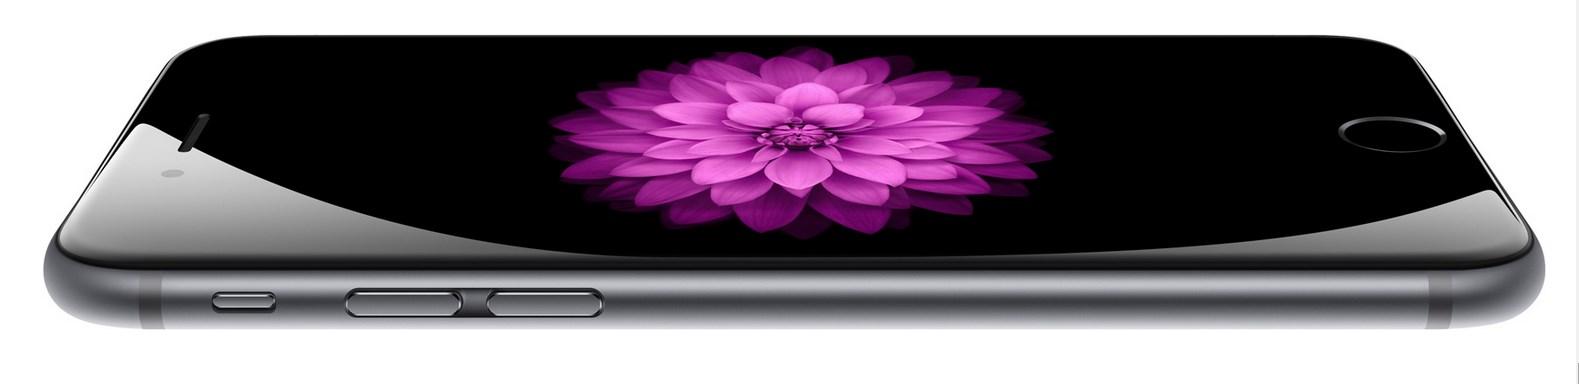 o novo iphone 6